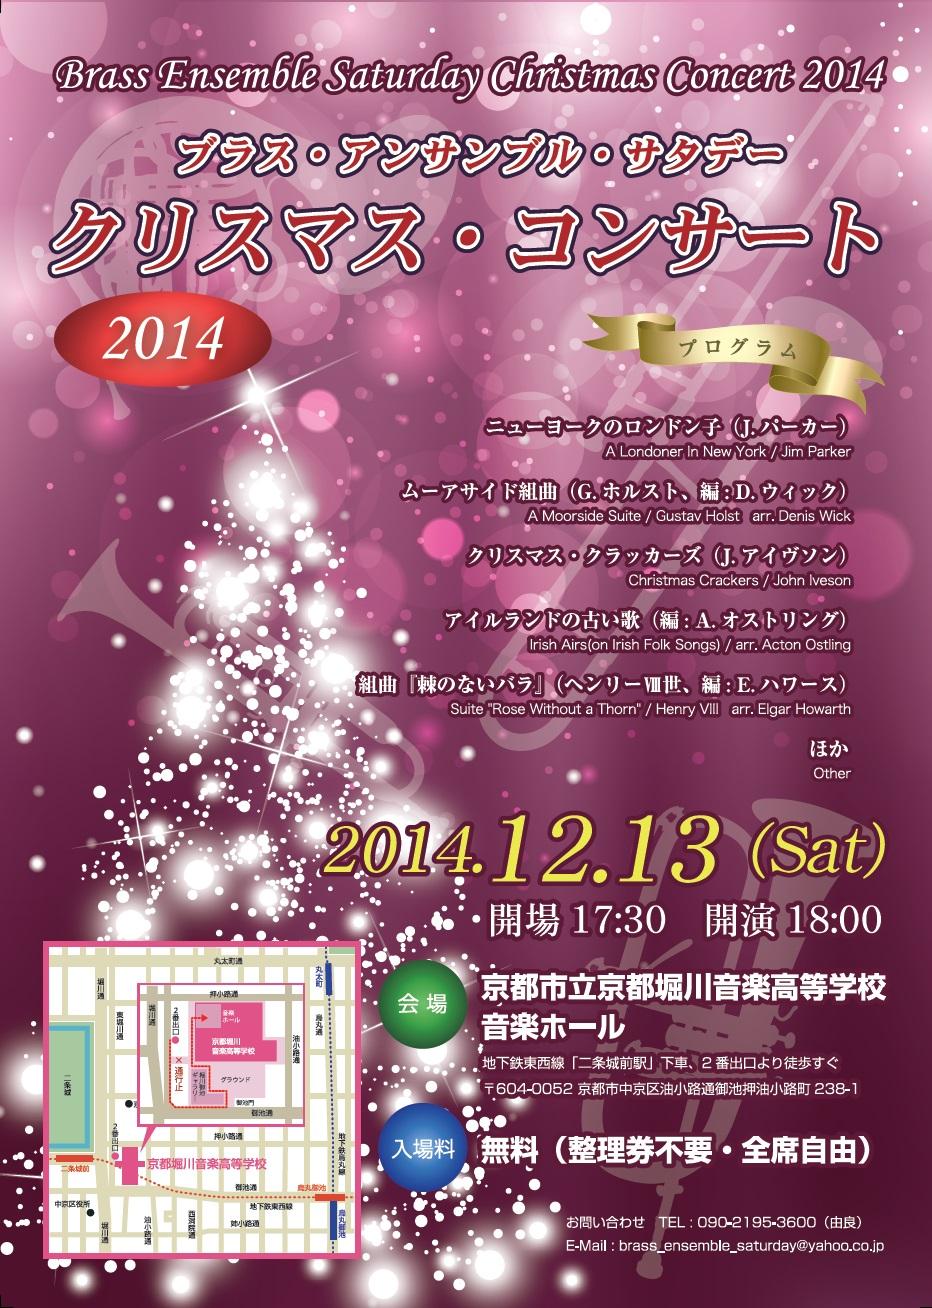 クリスマス・コンサート2014チラシ♪